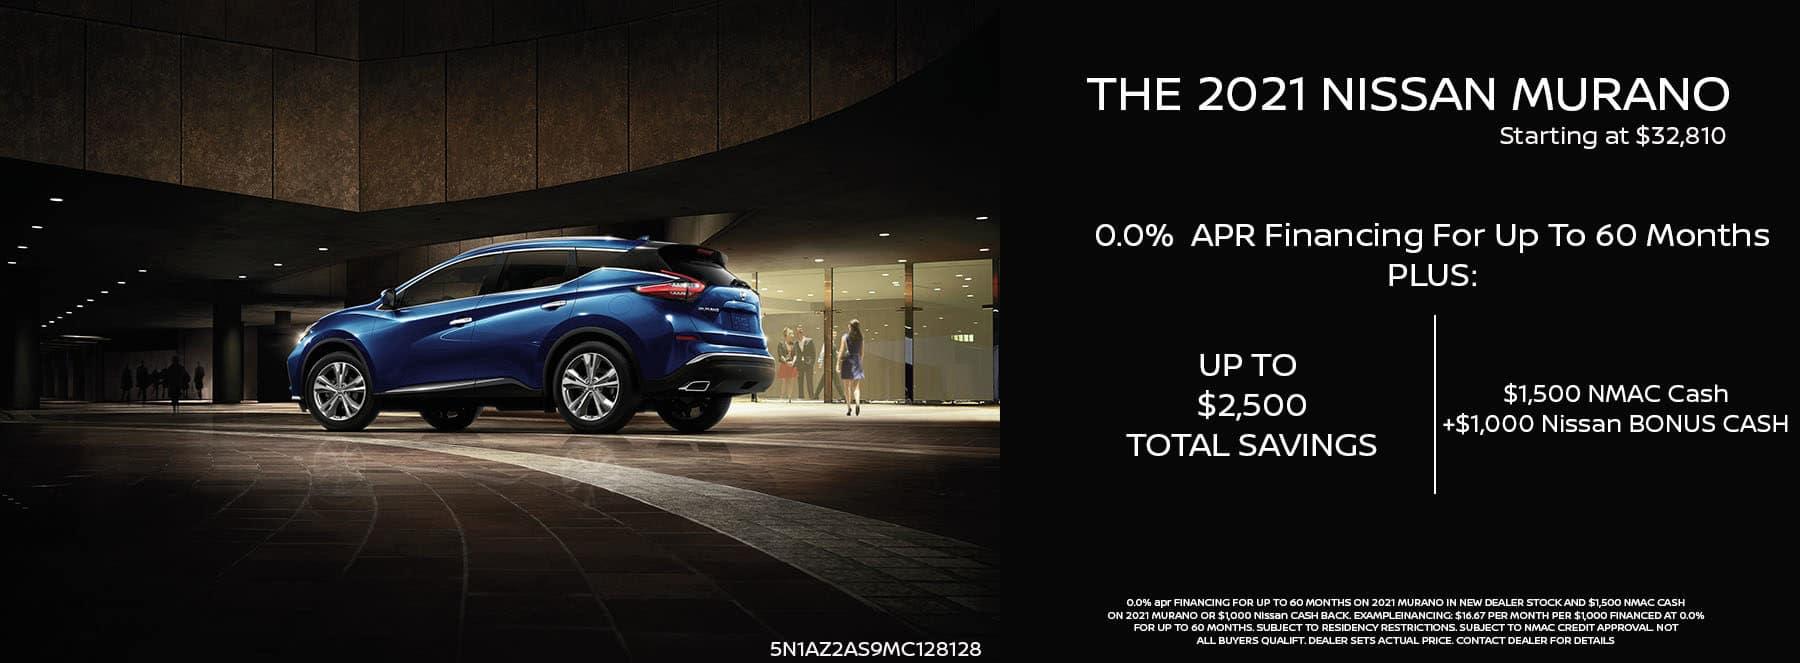 2021 Nissan Murano Banner September copy